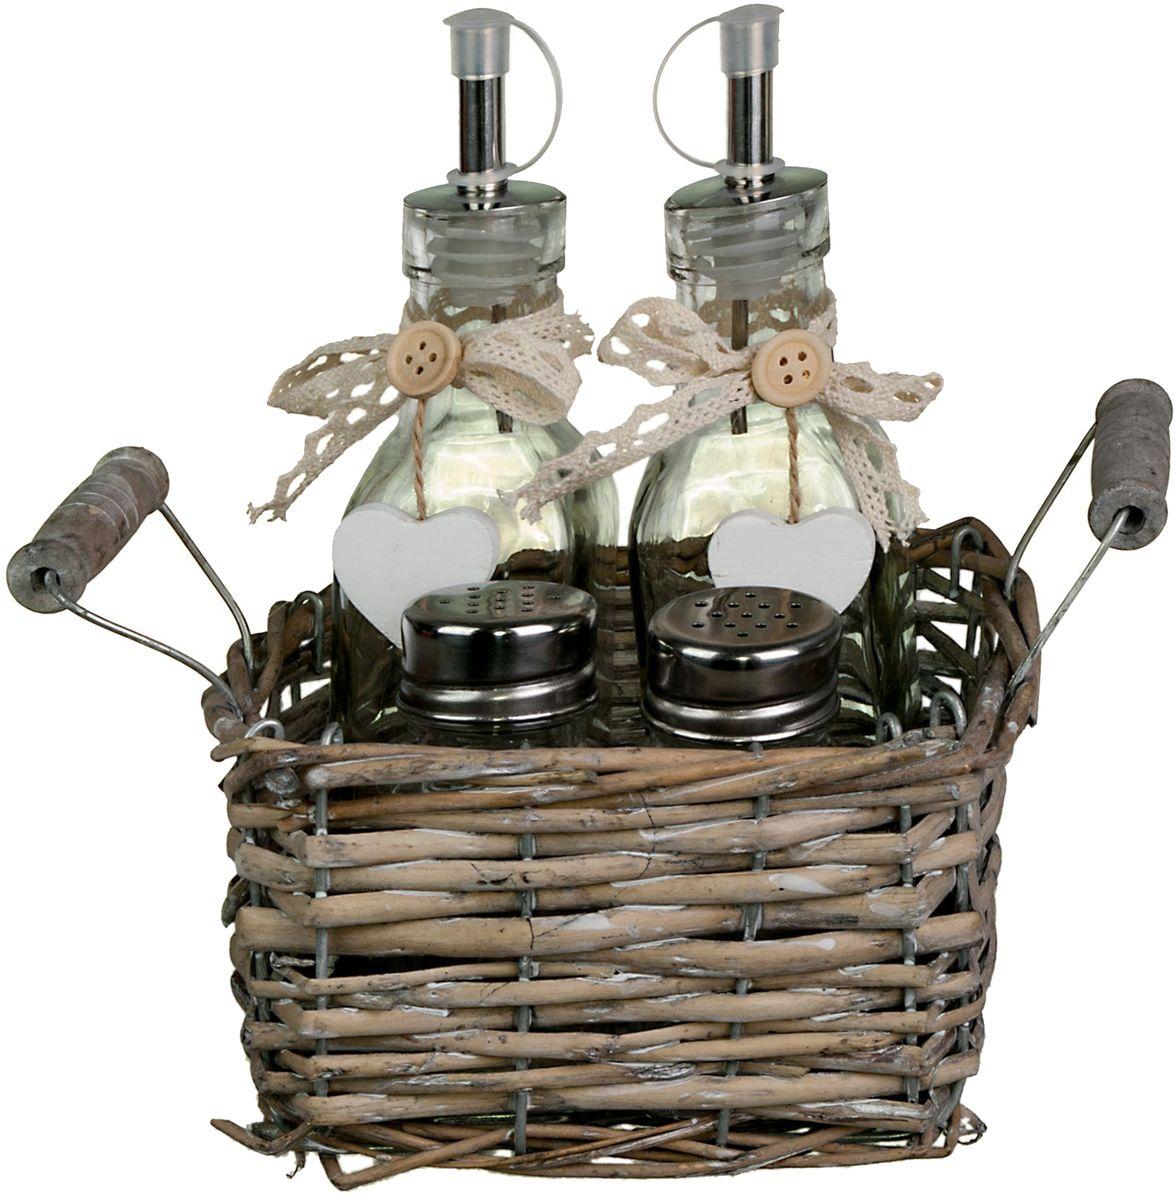 Набор емкостей в корзине Miralight Прованс, 0,2 л, 2 шт. LB16-1421395599Набор Miralight Прованс, предназначенный для хранения специй, состоит из солонки, перечницы, двух емкостей для жидких продуктов и винтажной корзинки-подставки из ивовых прутьев с двумя ручкам.Набор Miralight Прованс займет достойное место на вашей кухне, а также станет отличным подарком каждой хозяйке. Объем одной емкости для жидких продуктов: 0,2 л.